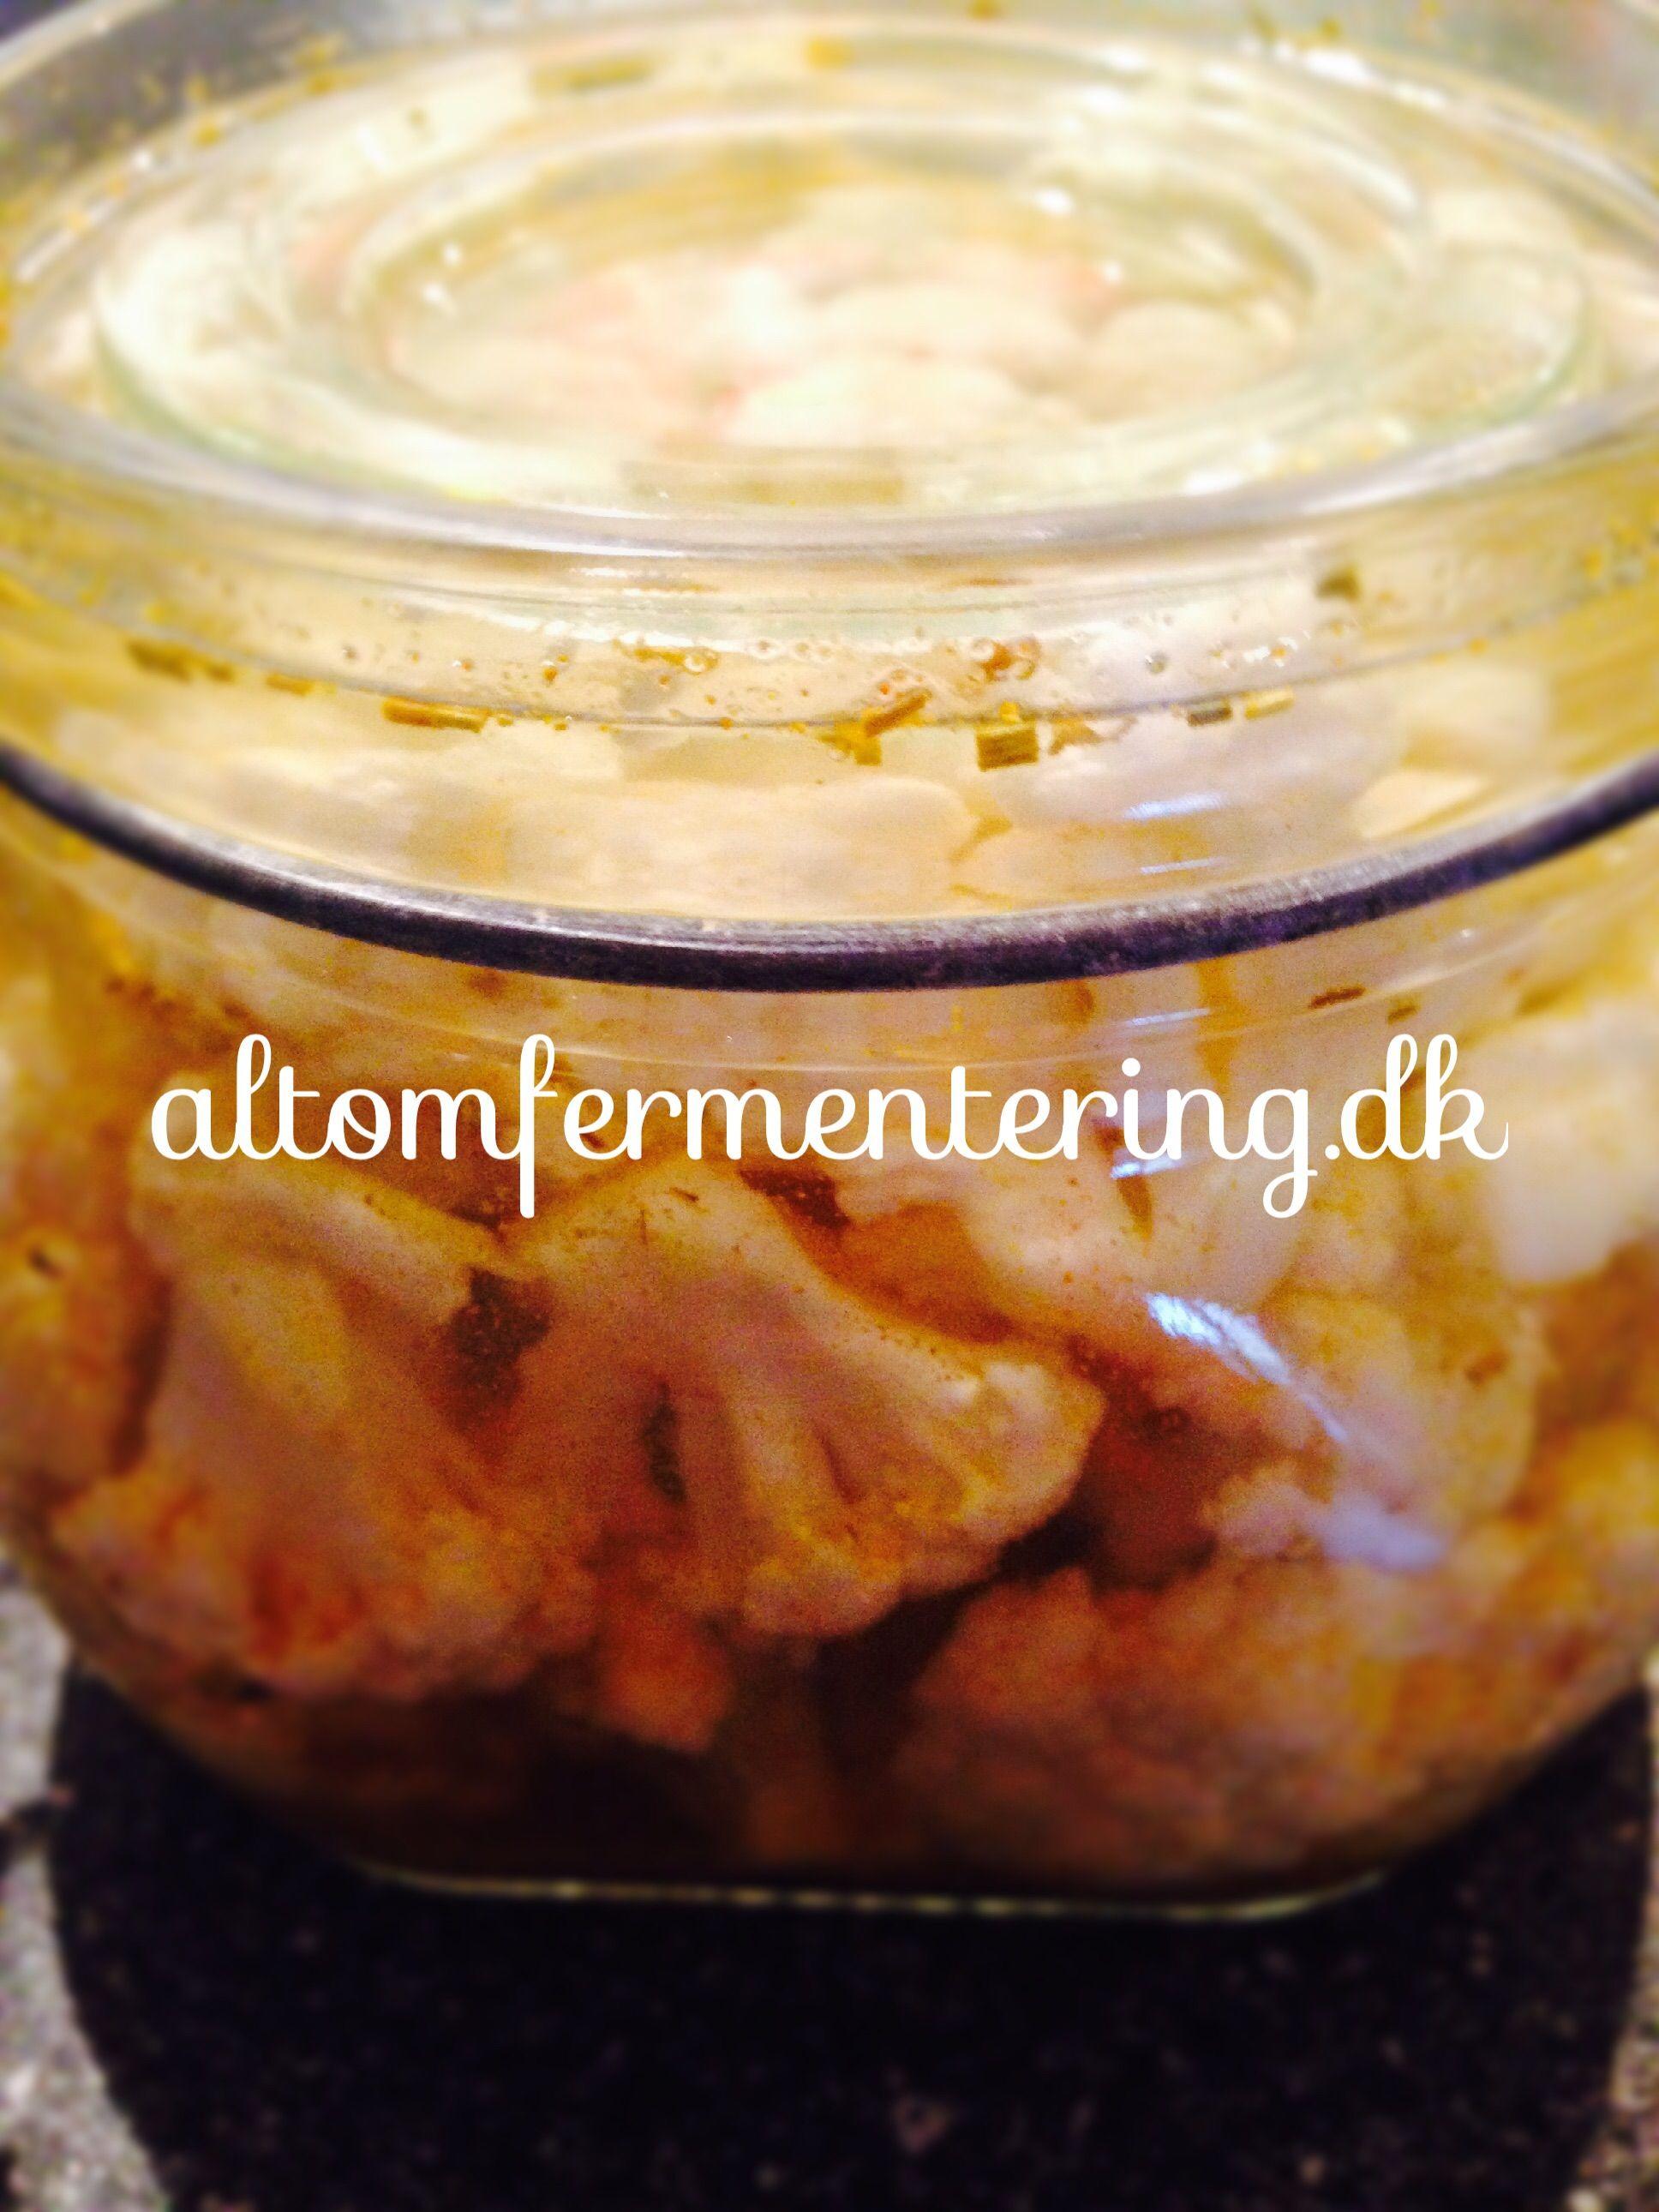 fermenteret blomkål